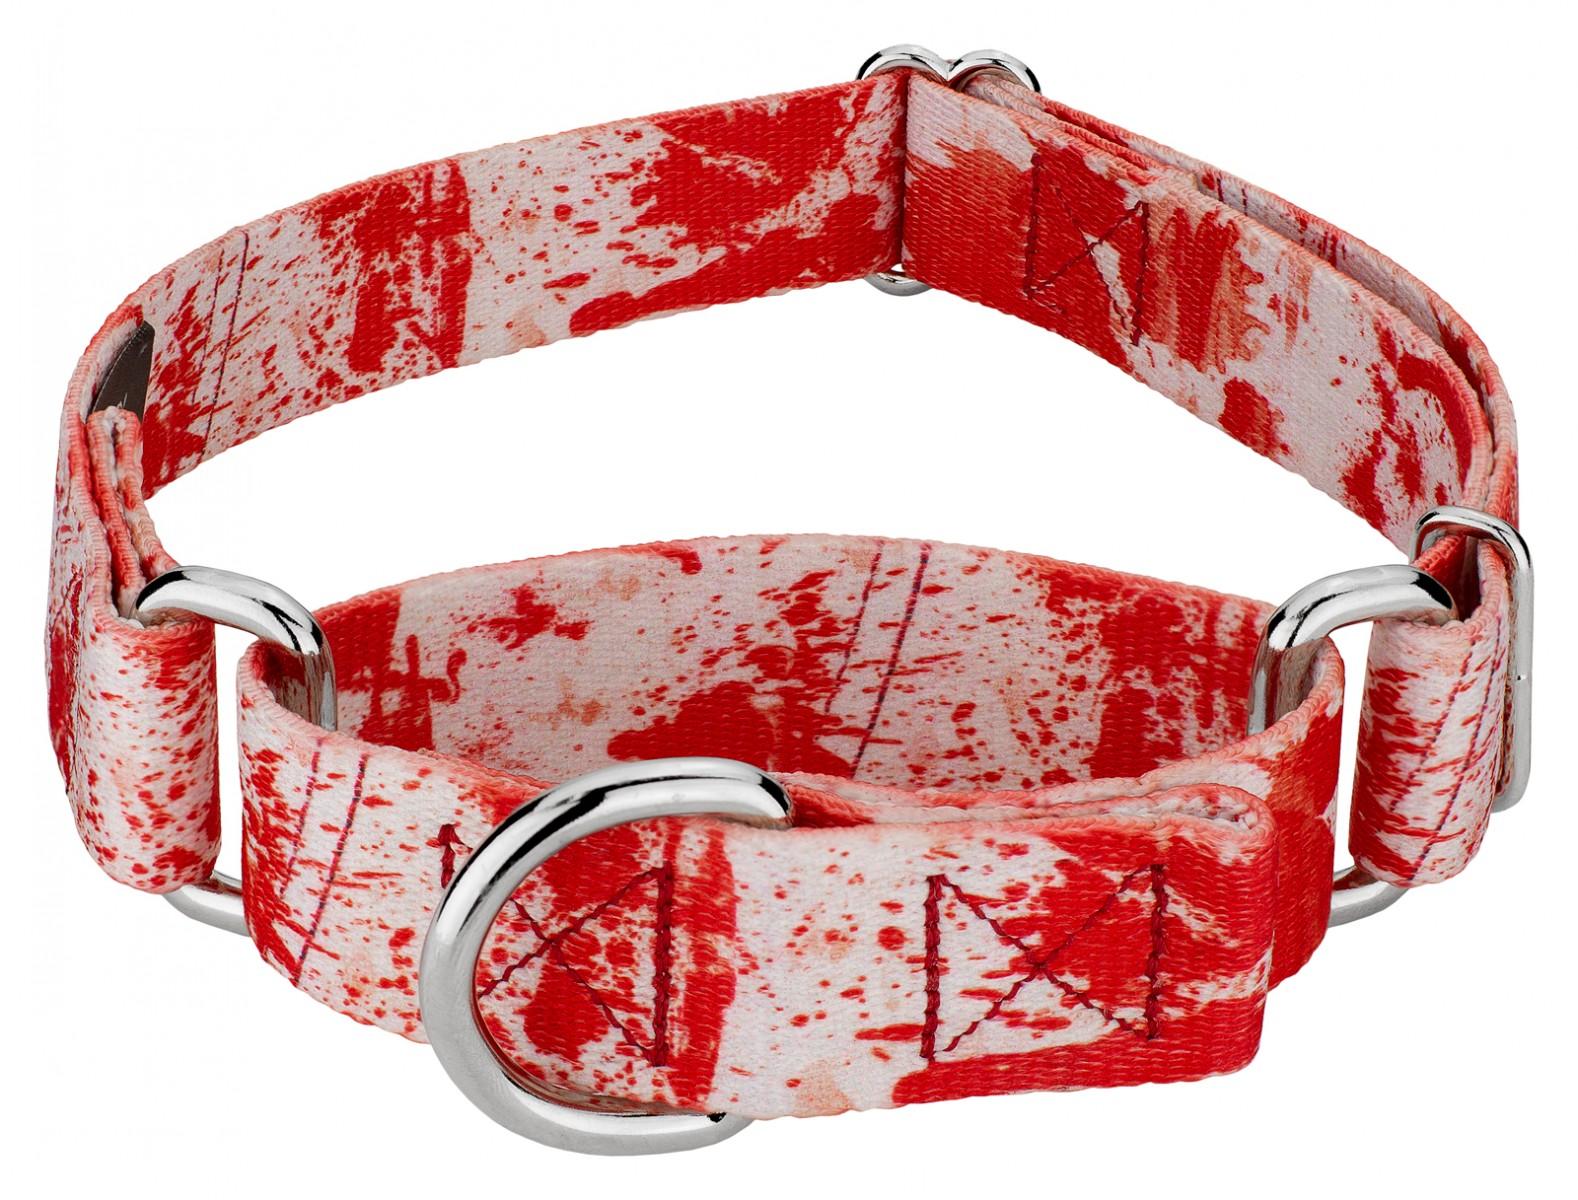 Buy Blood Spatter Martingale Dog Collar Online